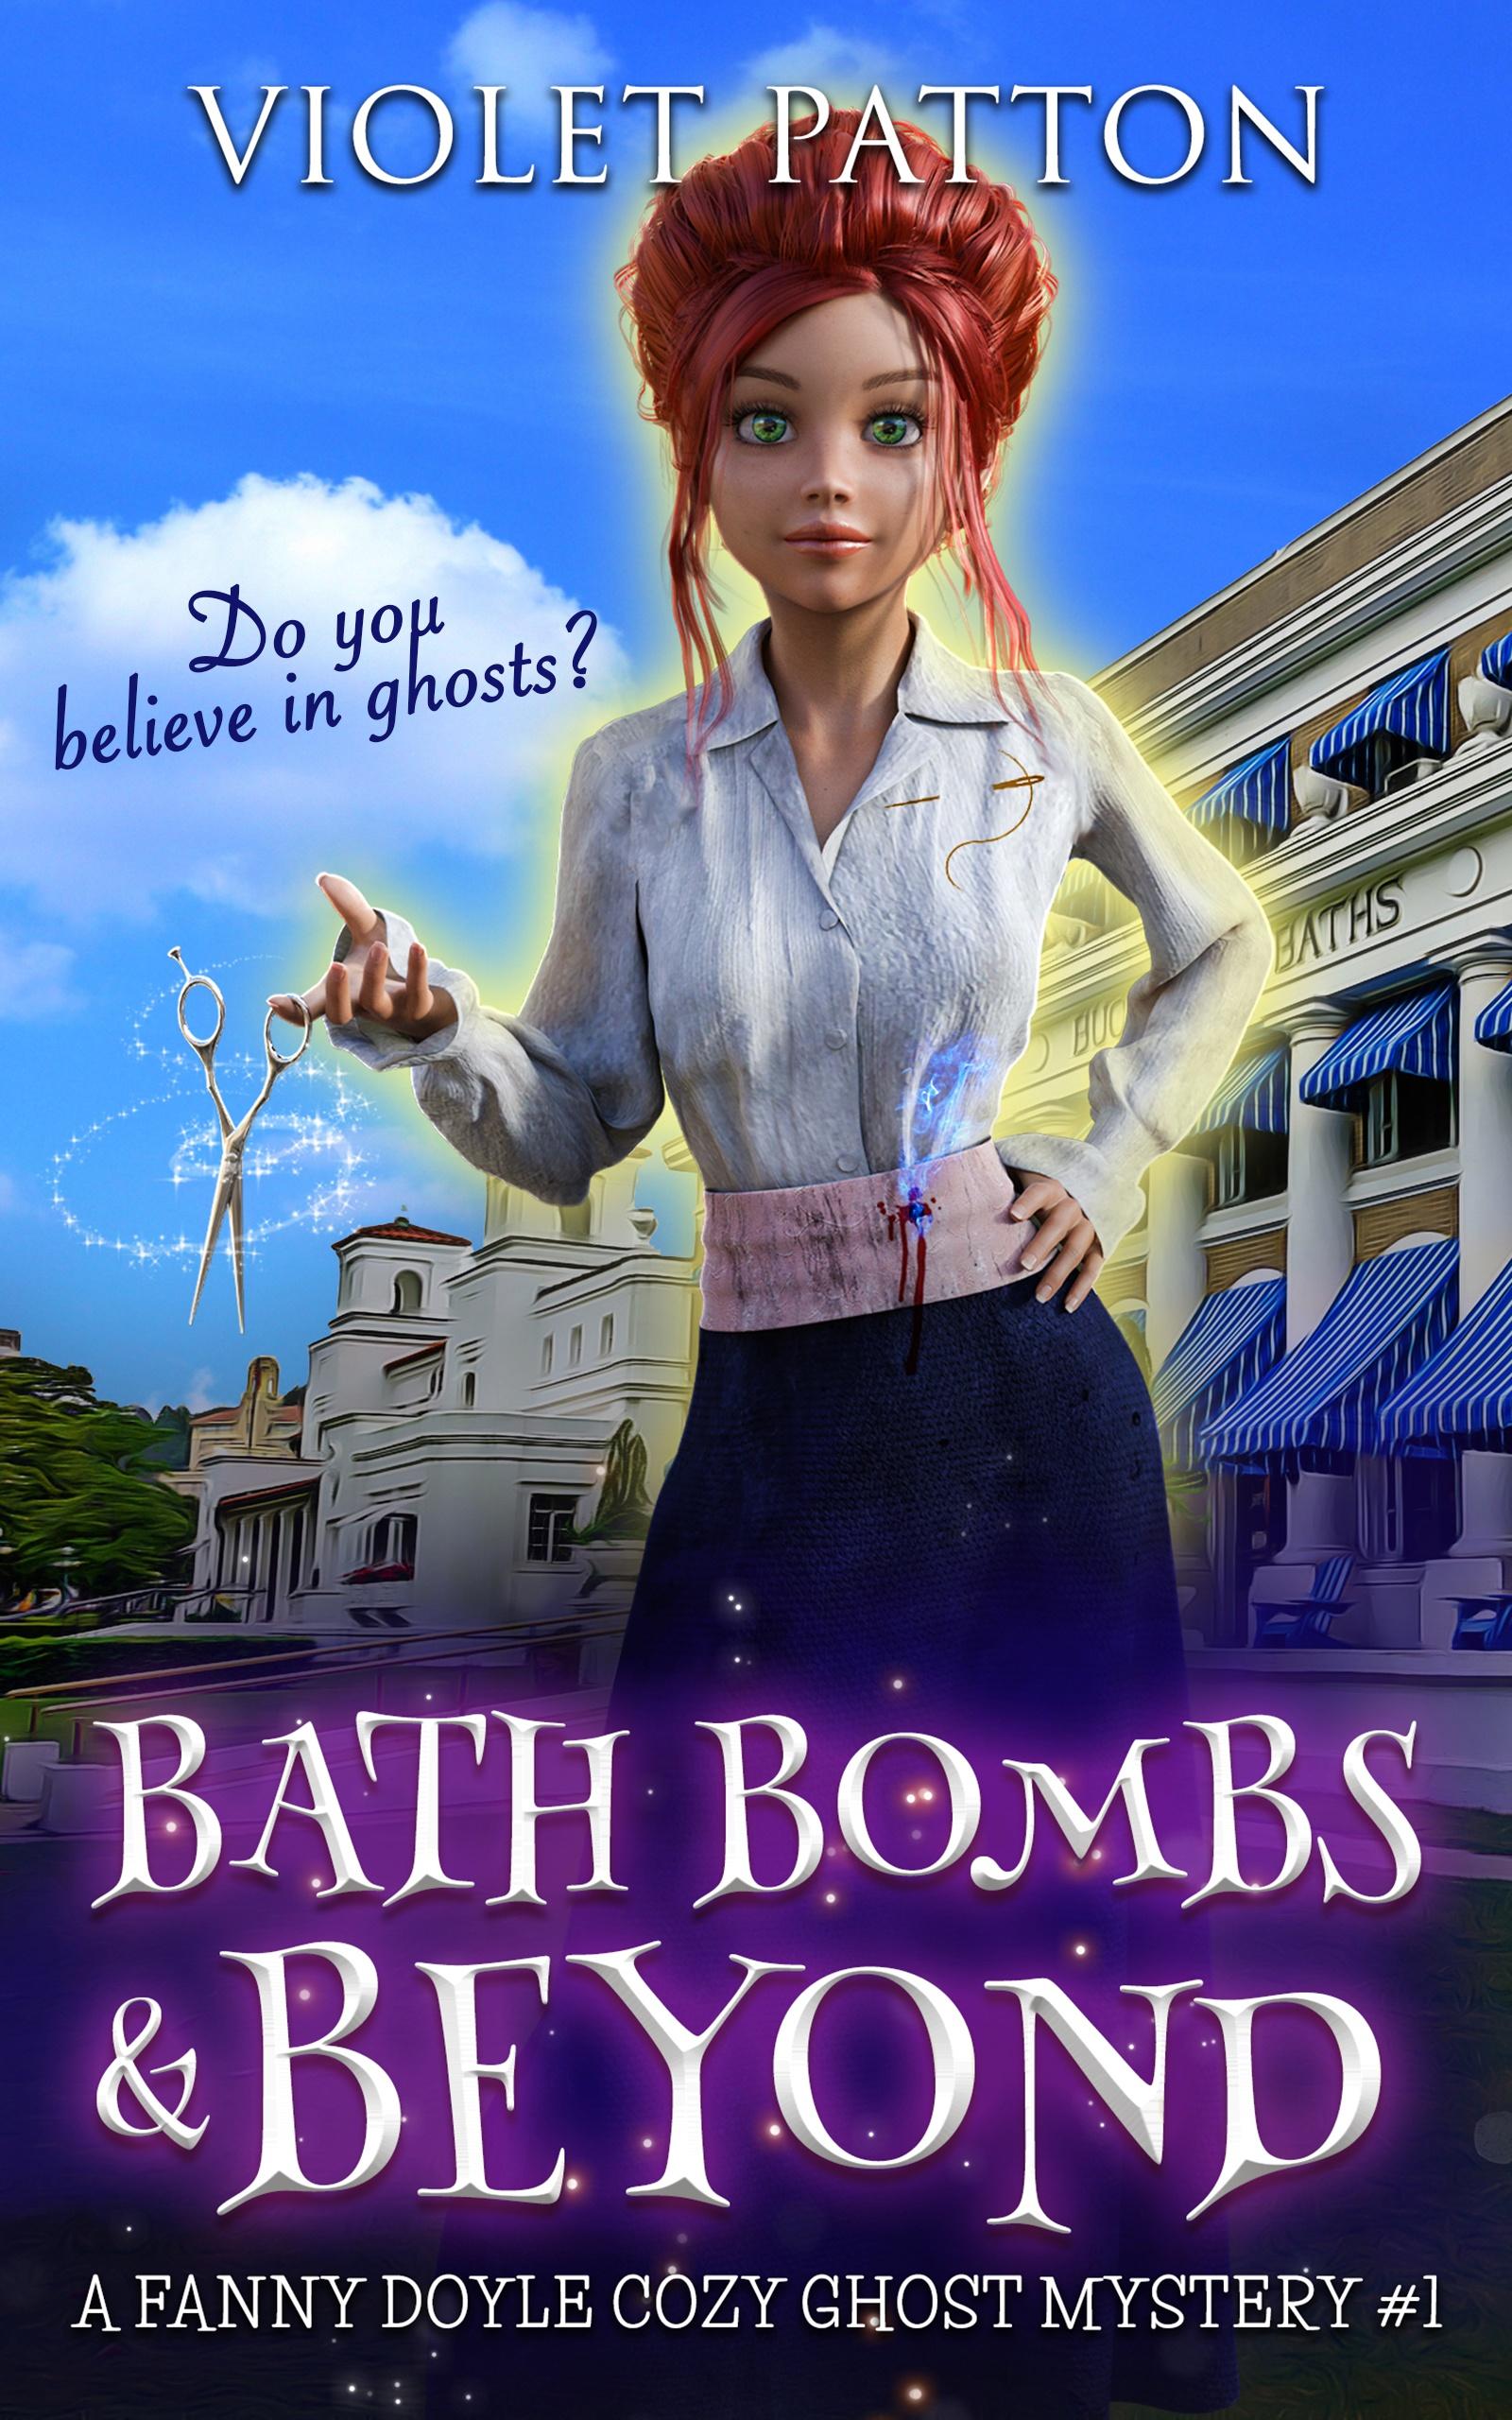 Bath-Bombs-Beyond-Generic.jpg